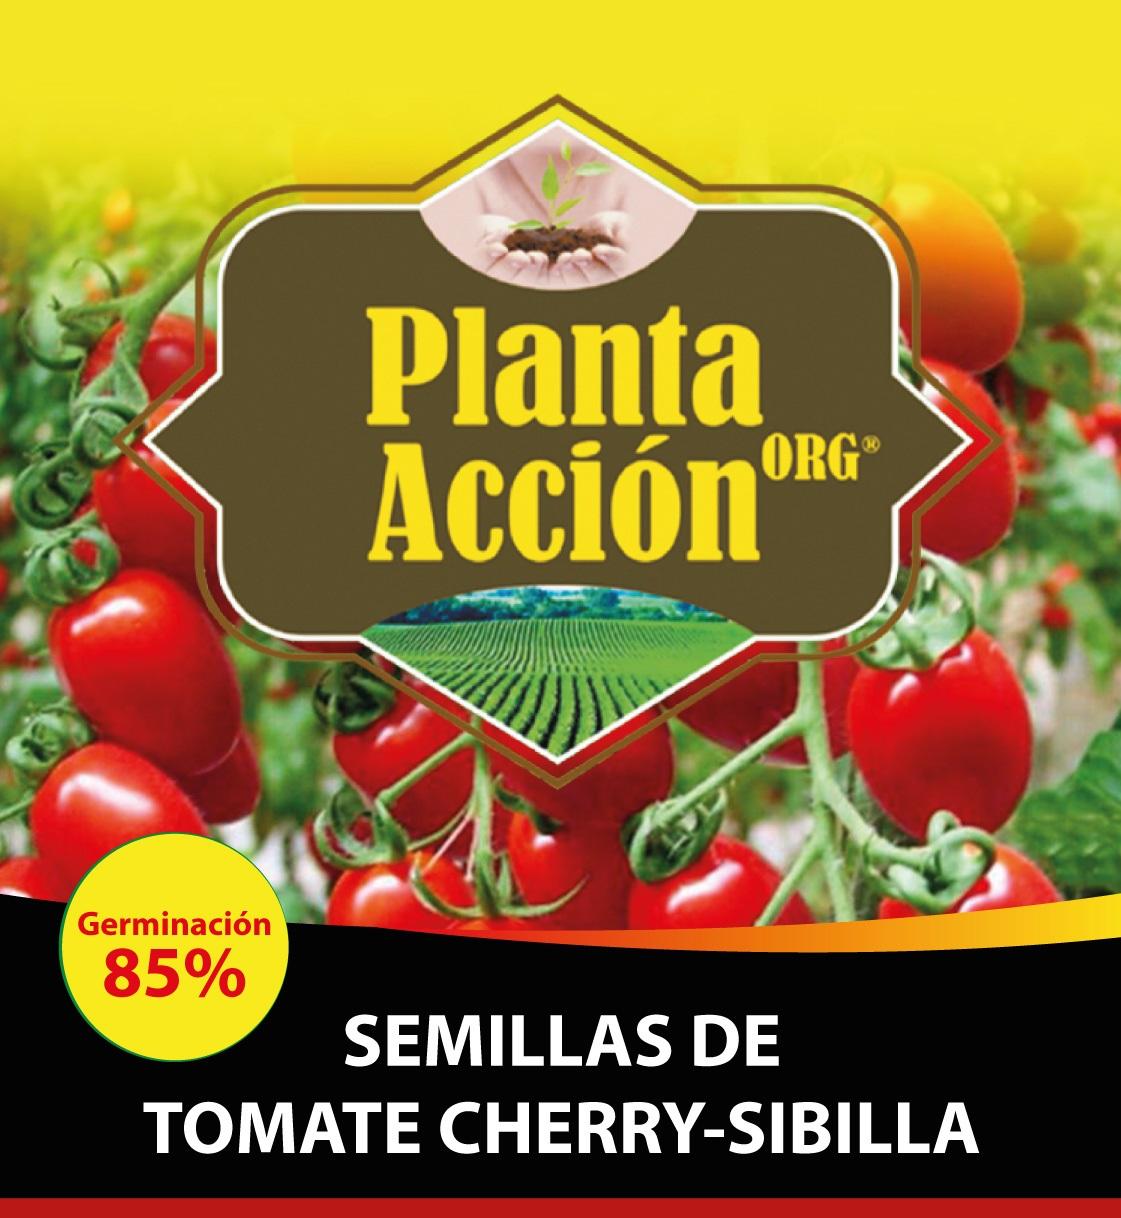 SEMILLAS DE TOMATE CHERRY-SIBILLA